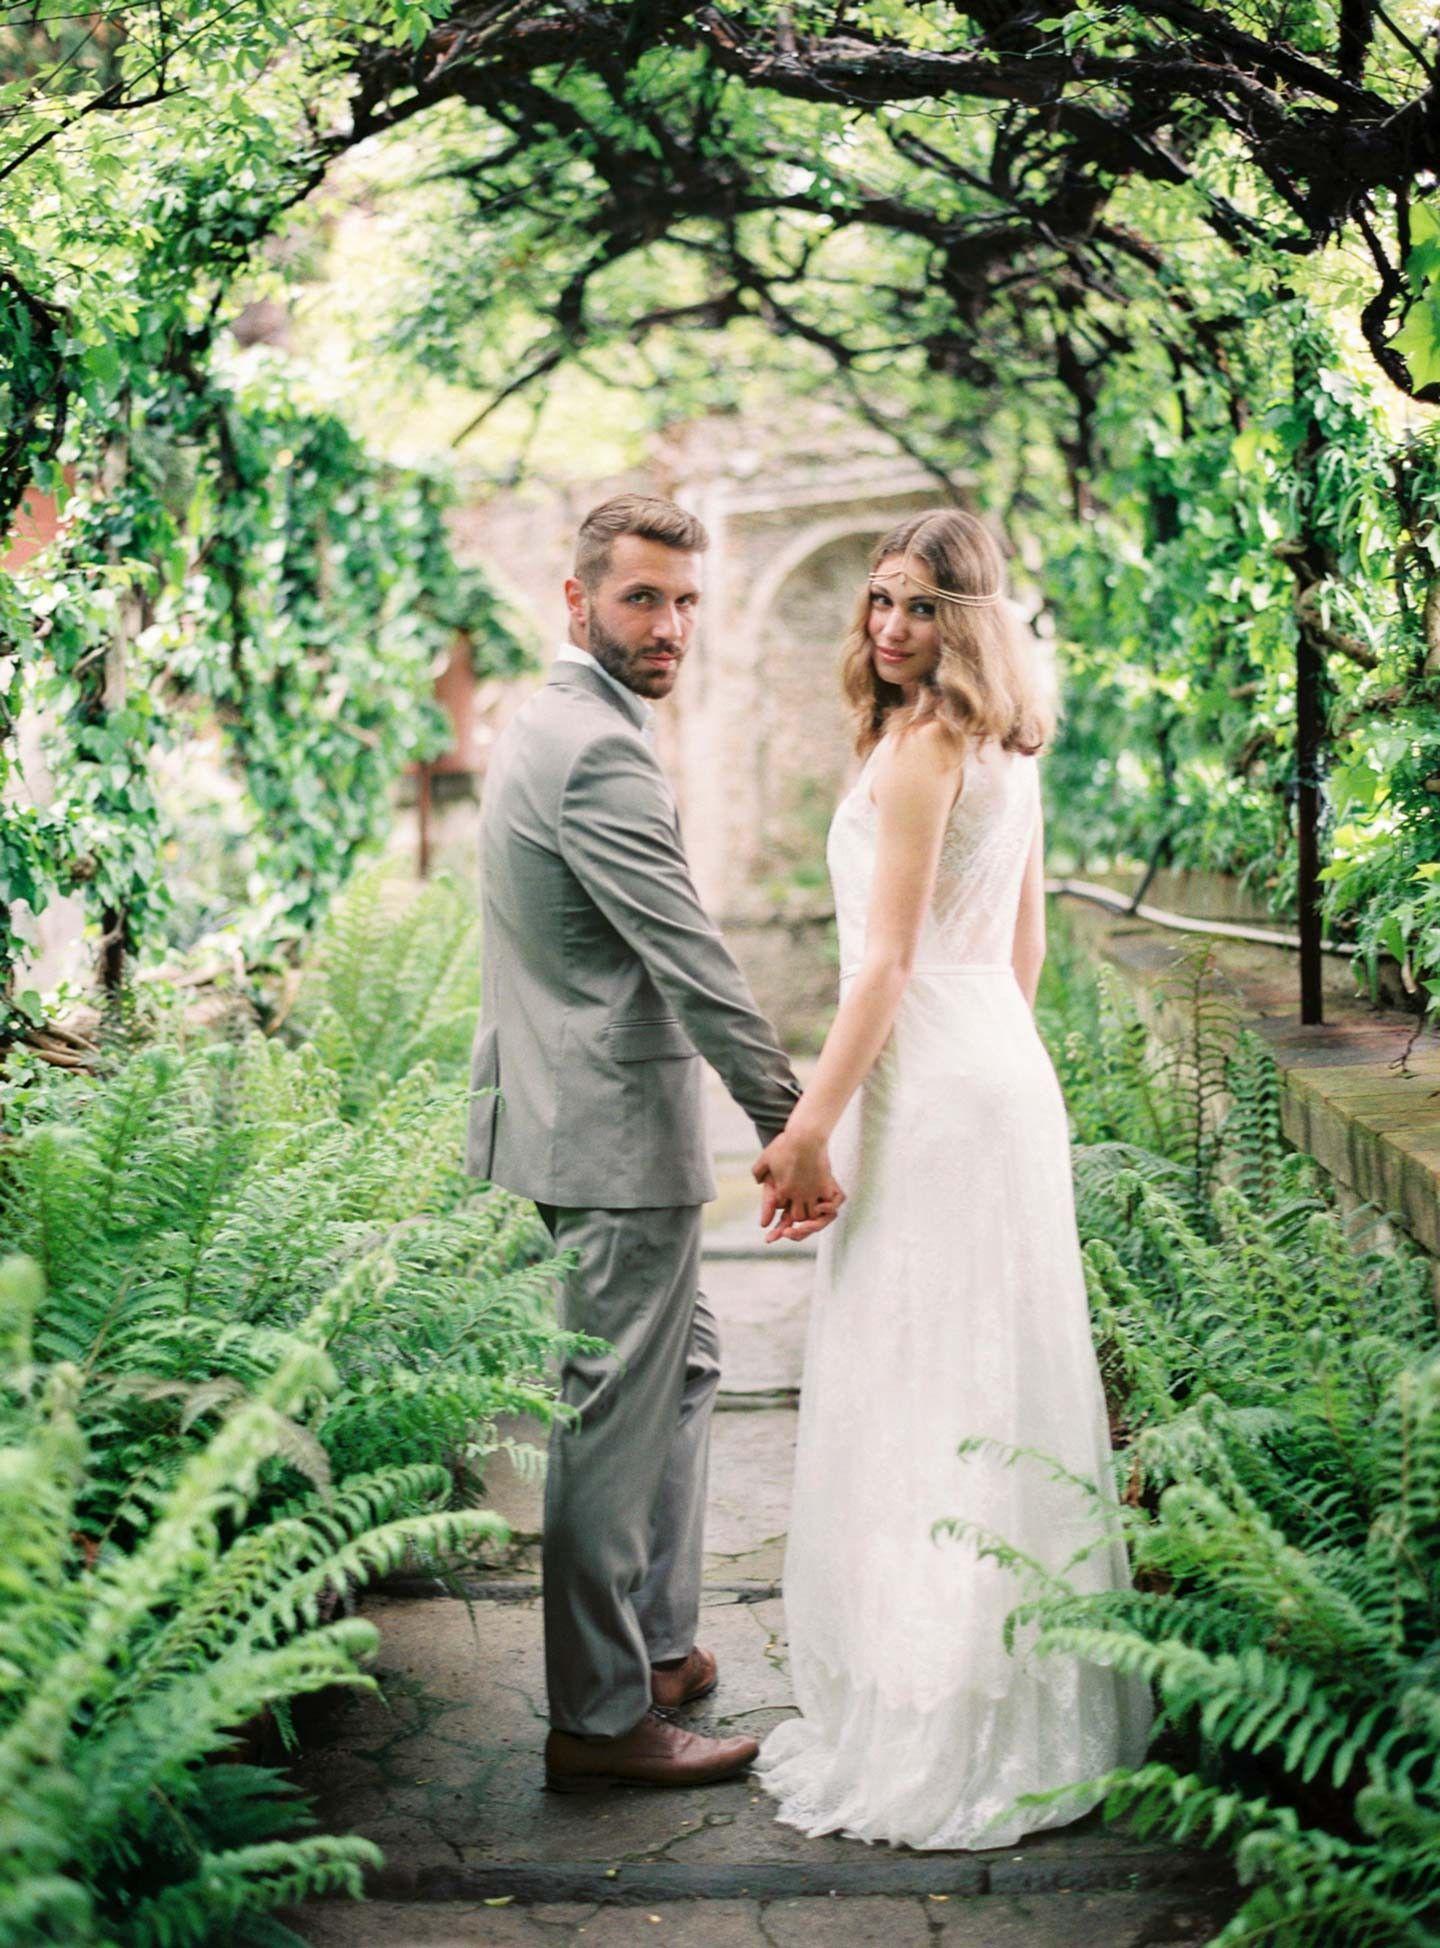 Romantischer Hochzeitszauber in der Toscana MELANIE NEDELKO http://www.hochzeitswahn.de/inspirationsideen/romantischer-hochzeitszauber-in-der-toscana/ #wedding #romantic #couple